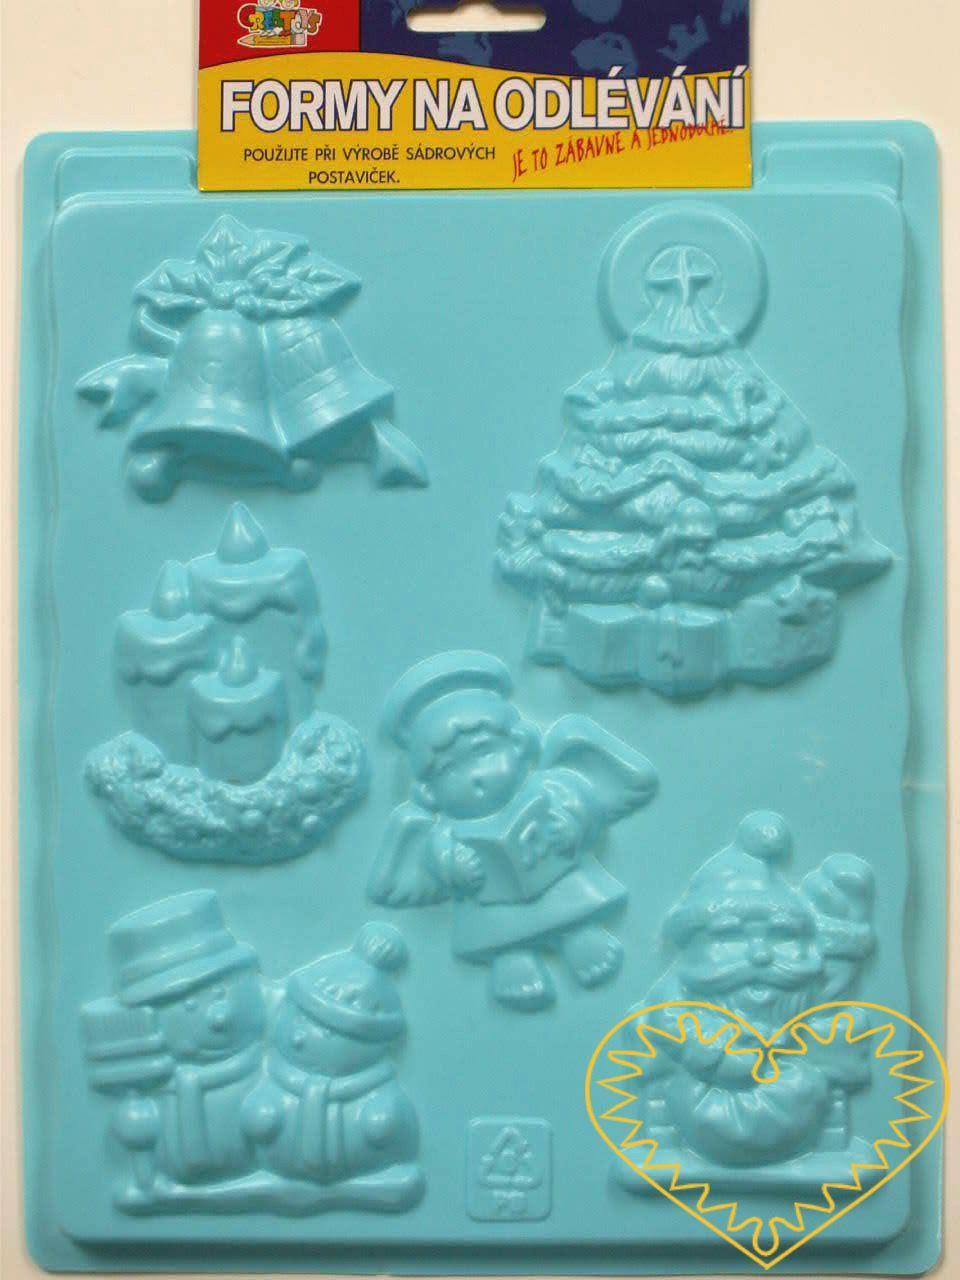 Plastová forma se šesti motivy, vhodná na odlévání ze sádry, na vytlačování modelovacích hmot apod. Motivy: šest různých dopravních prostředků. Po zaschnutí lze odlitek vybarvit vodovými či akrylovými barvami, popř. nalakovat. Prima zábava pro děti i